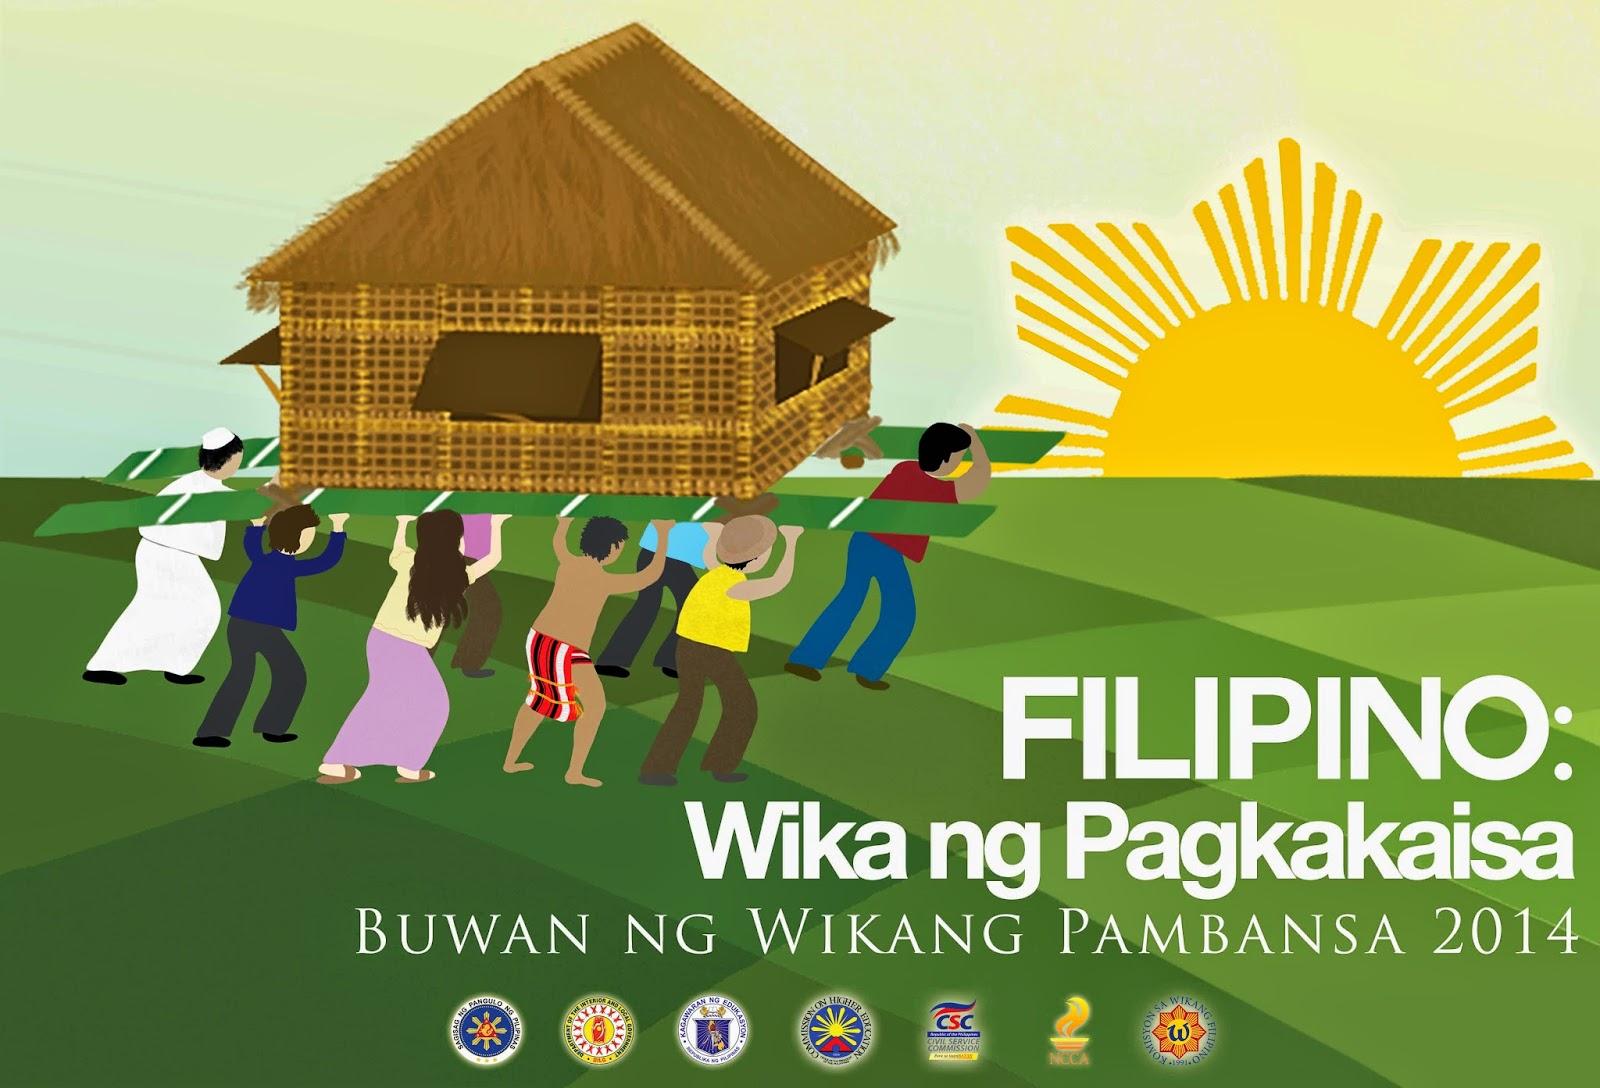 Filipino : Wika ng Pagkakaisa, Buwan ng Wikang Pambansa 2014